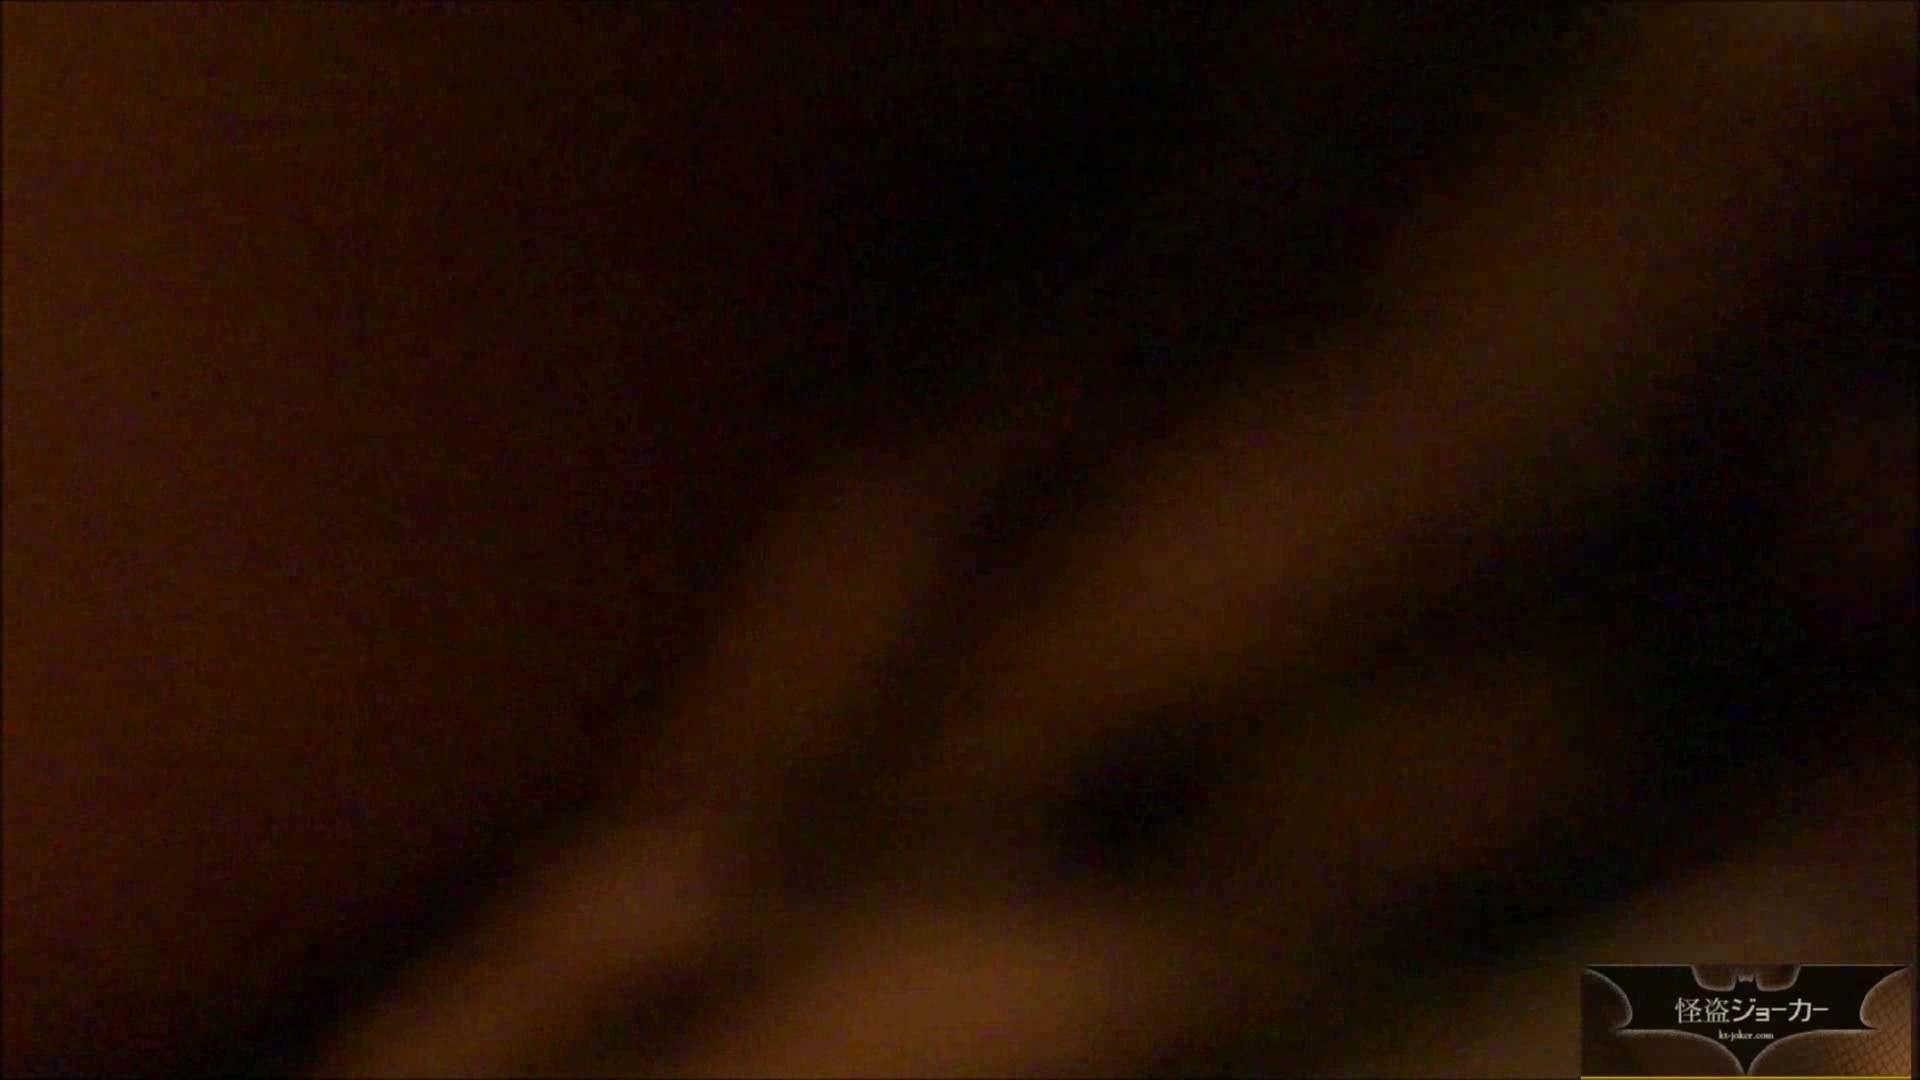 【未公開】vol.15 若ママ、絵美ちゃん・・・滴る母乳を吸い上げて。 丸見え エロ無料画像 31画像 11